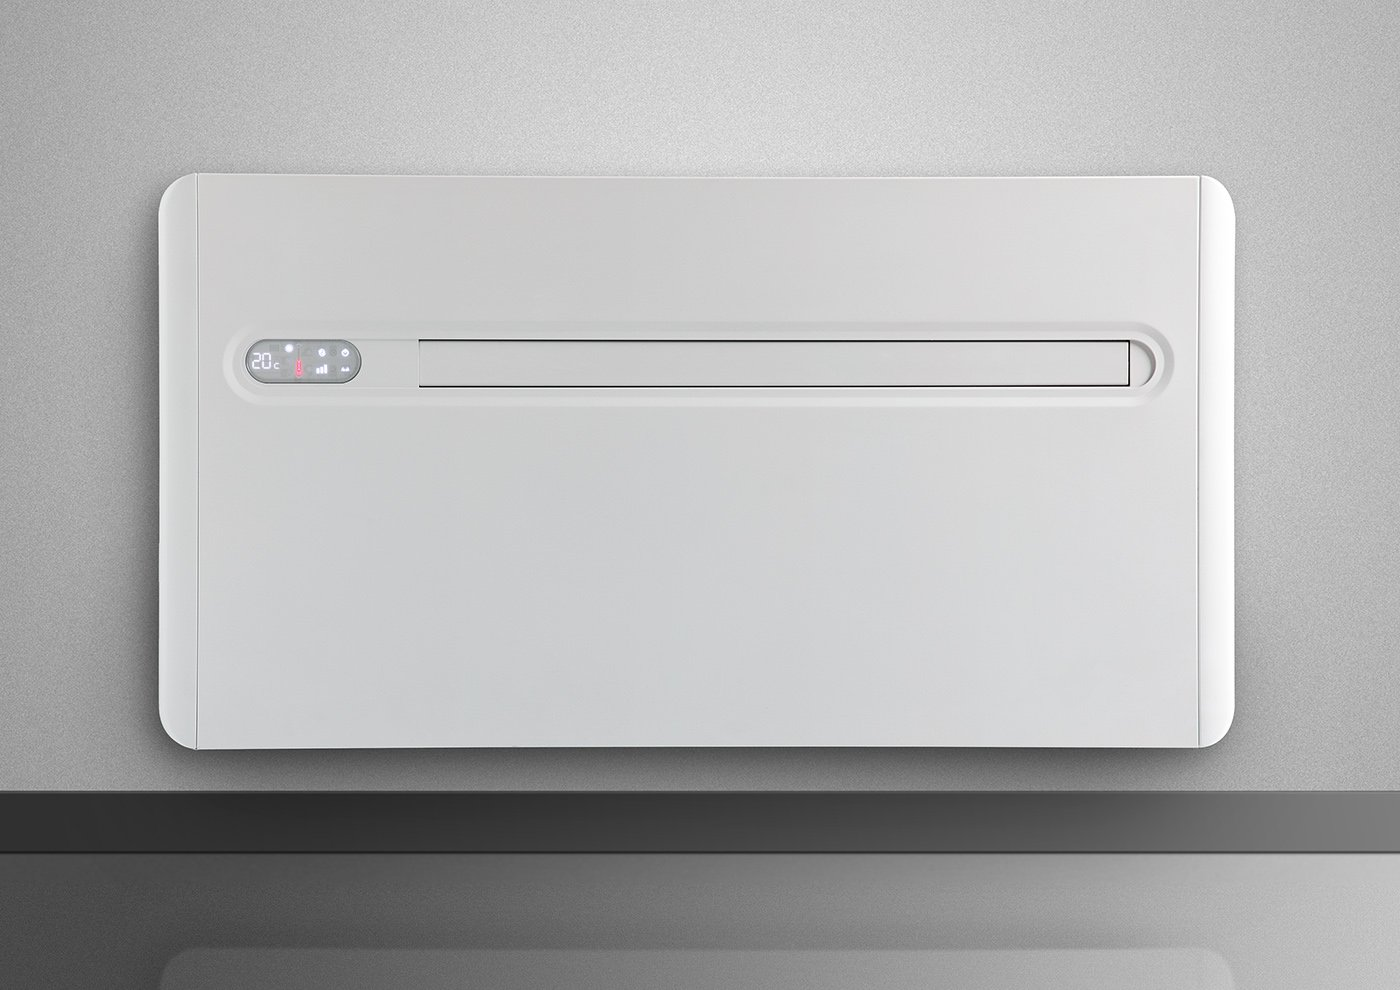 Climatizzatori unit esterna piccola installazione - Condizionatore unita esterna piccola ...